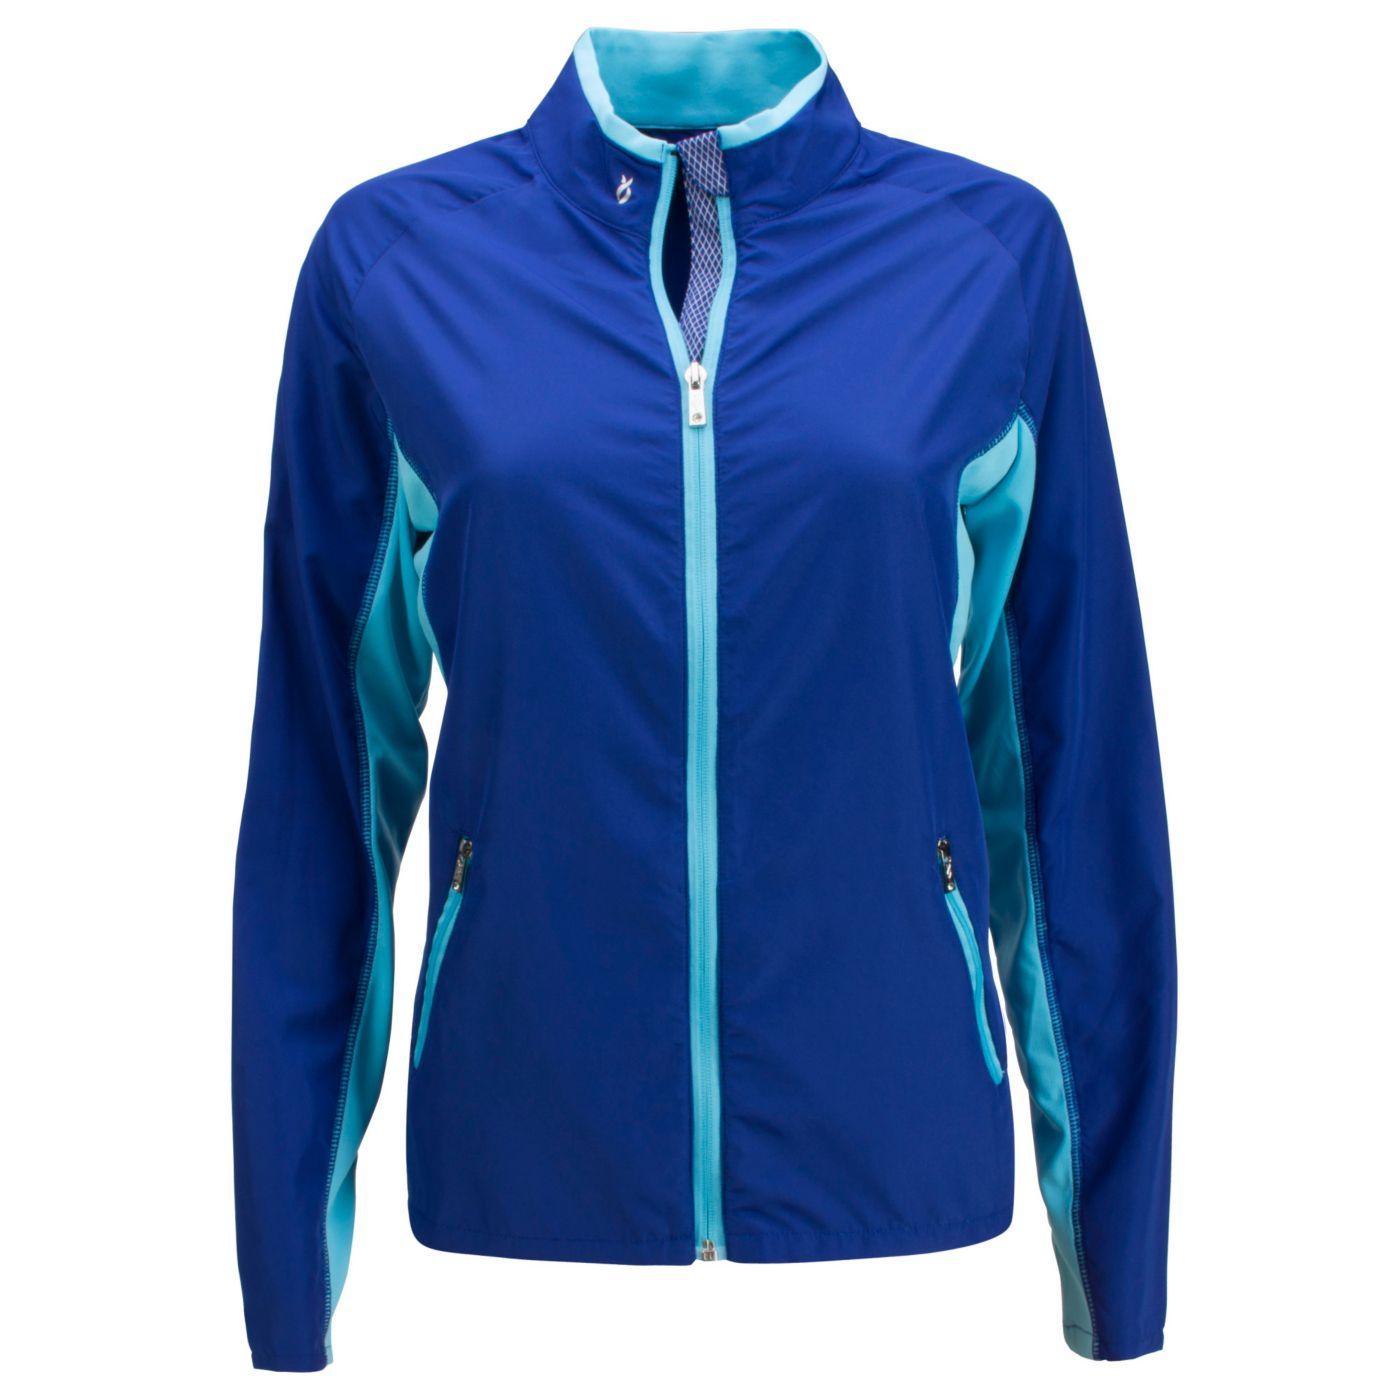 Nancy Lopez Women's Compass Full-zip Golf Jacket